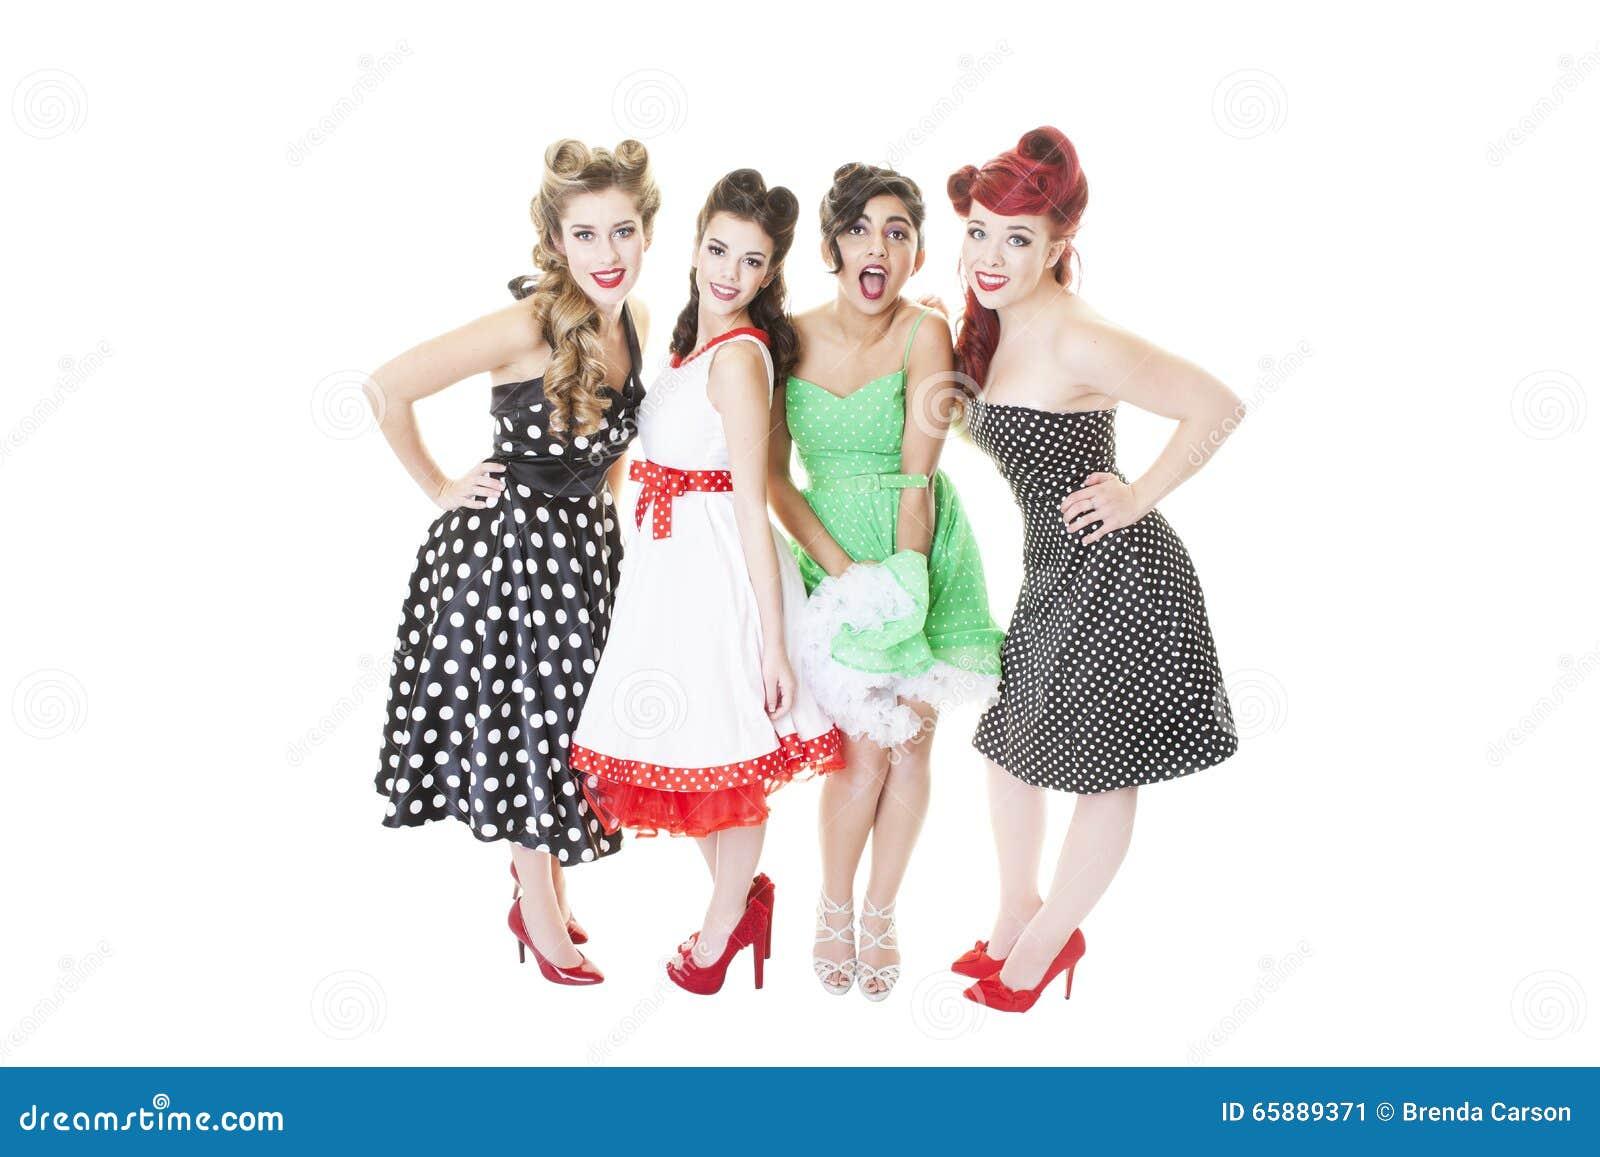 Groupes de fille blanche